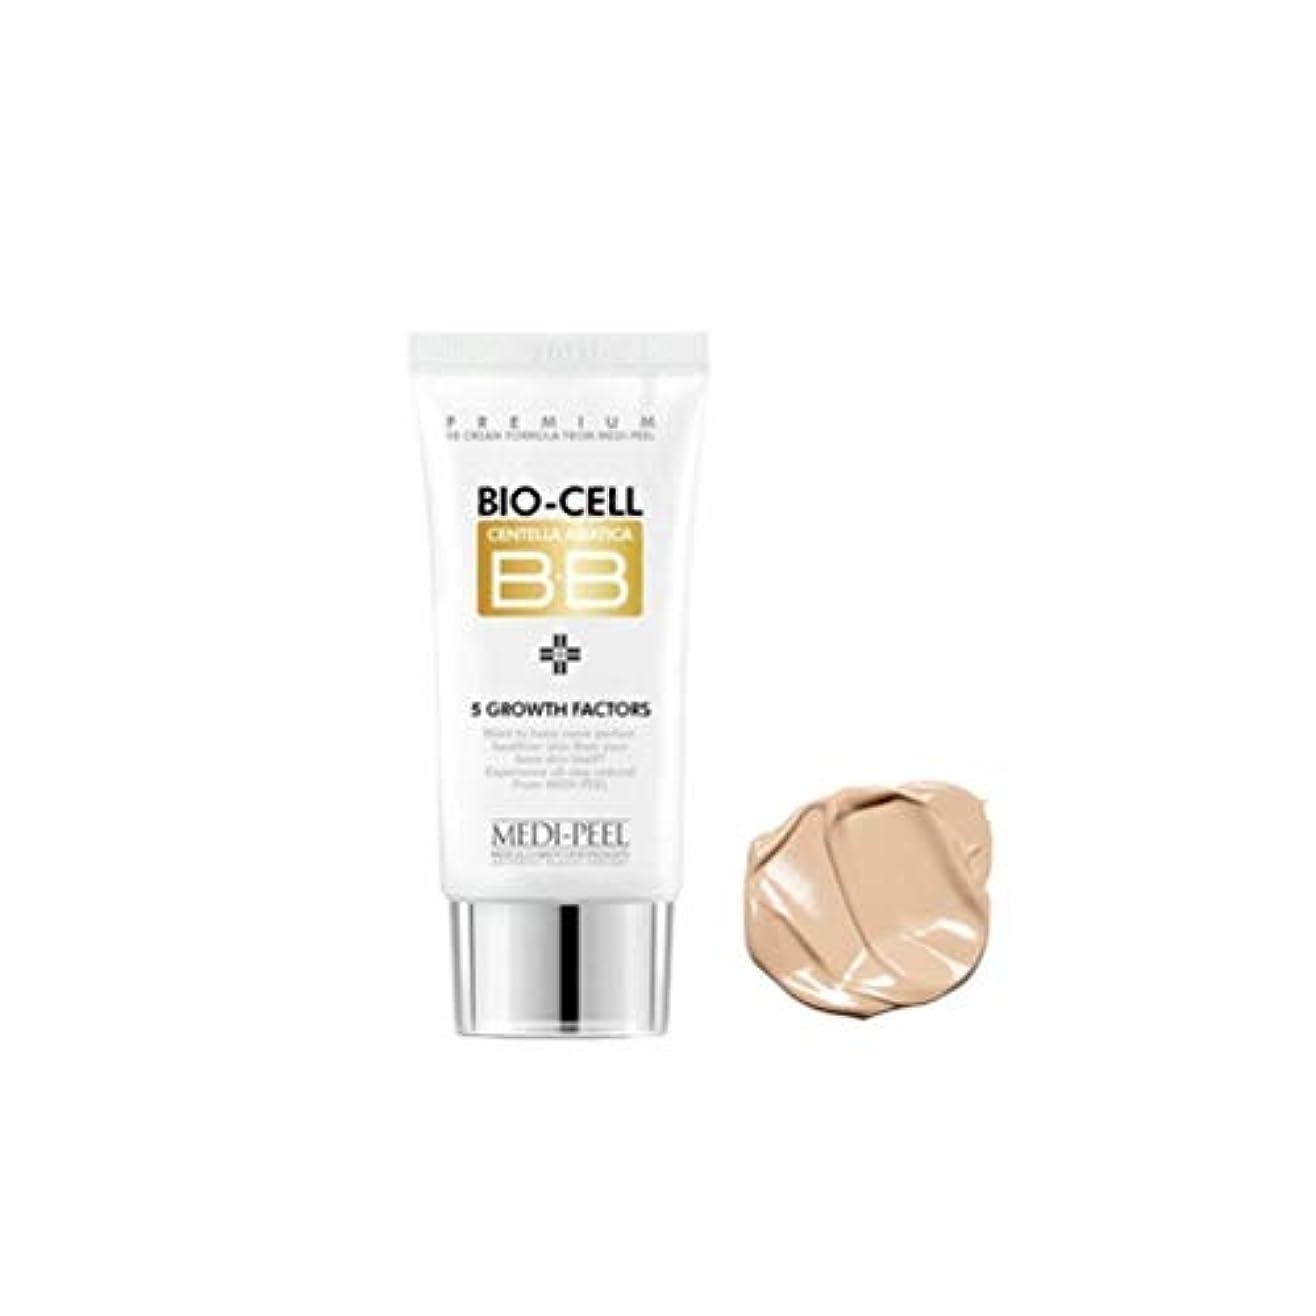 通常市の花囚人[Medi-Peel] メディピール バイオセル BBクリーム 50ml. [美.白?シワ.改善2重機能性化粧品] Medi-Peel Bio-cell BB Cream 50ml.